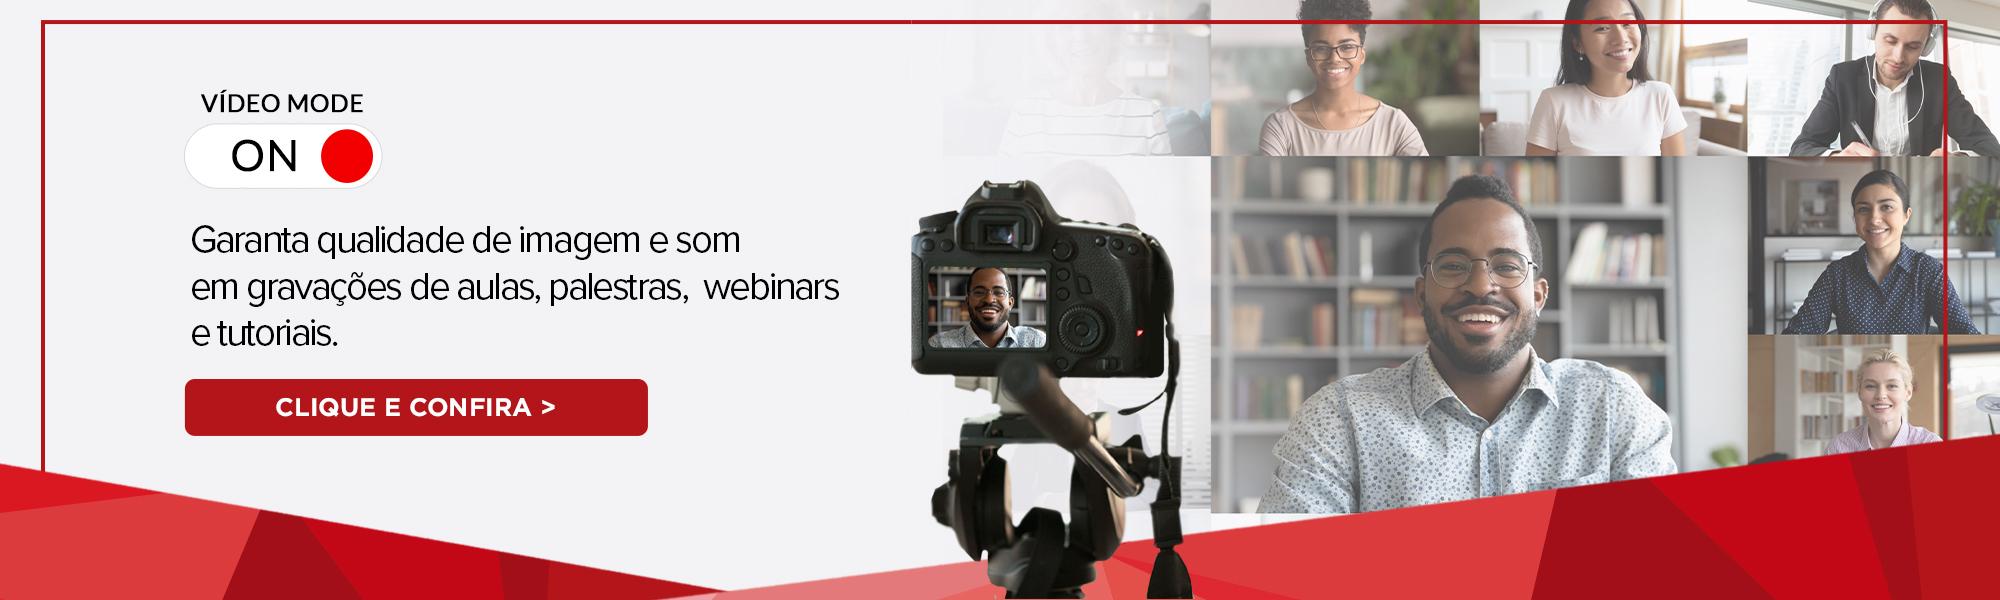 Video Mode On. Garanta qualidade de imagem e som em gravações de aulas, palestras, webinars e tutoriais.